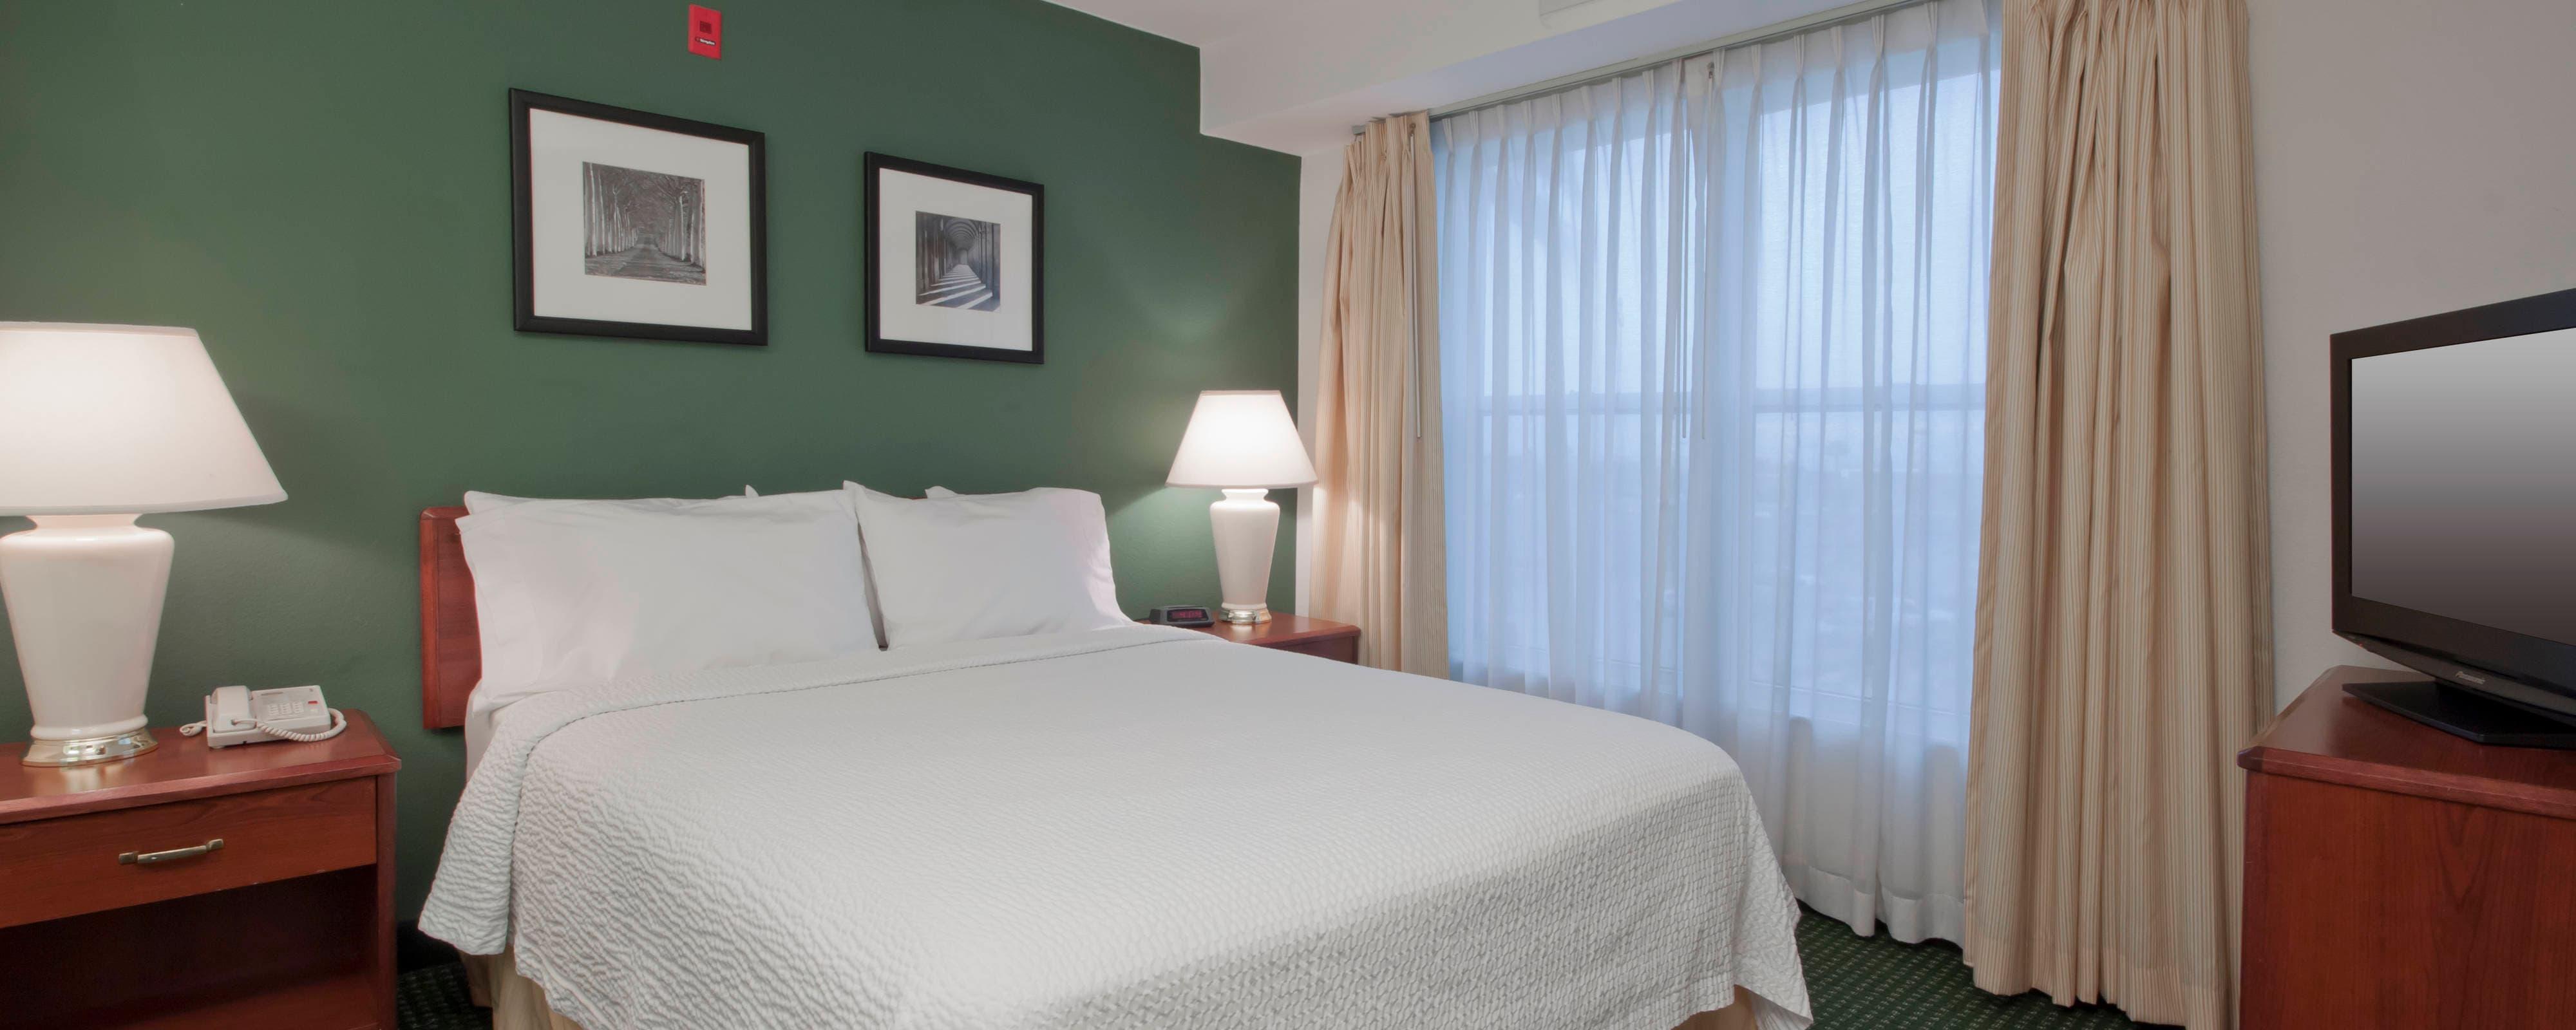 Dormitorio de la suite del hotel de Palmdale, California